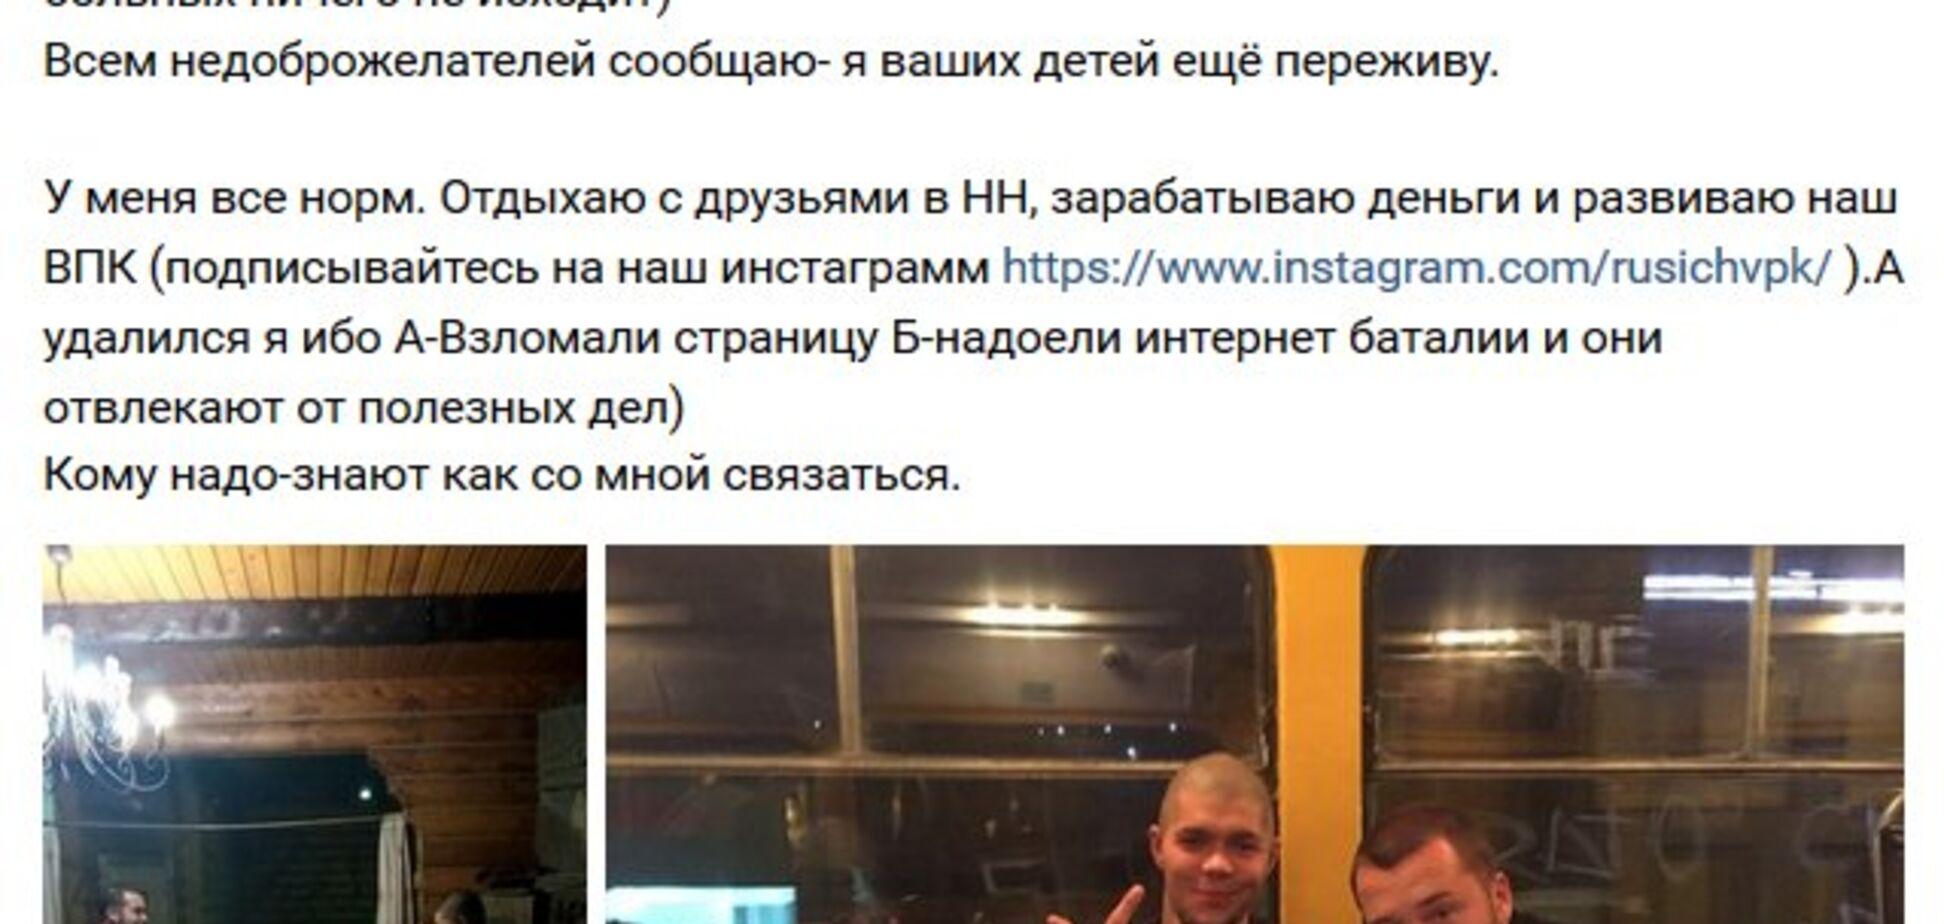 'Ваших детей переживу': одиозный российский террорист 'Л/ДНР' опроверг слухи о гибели